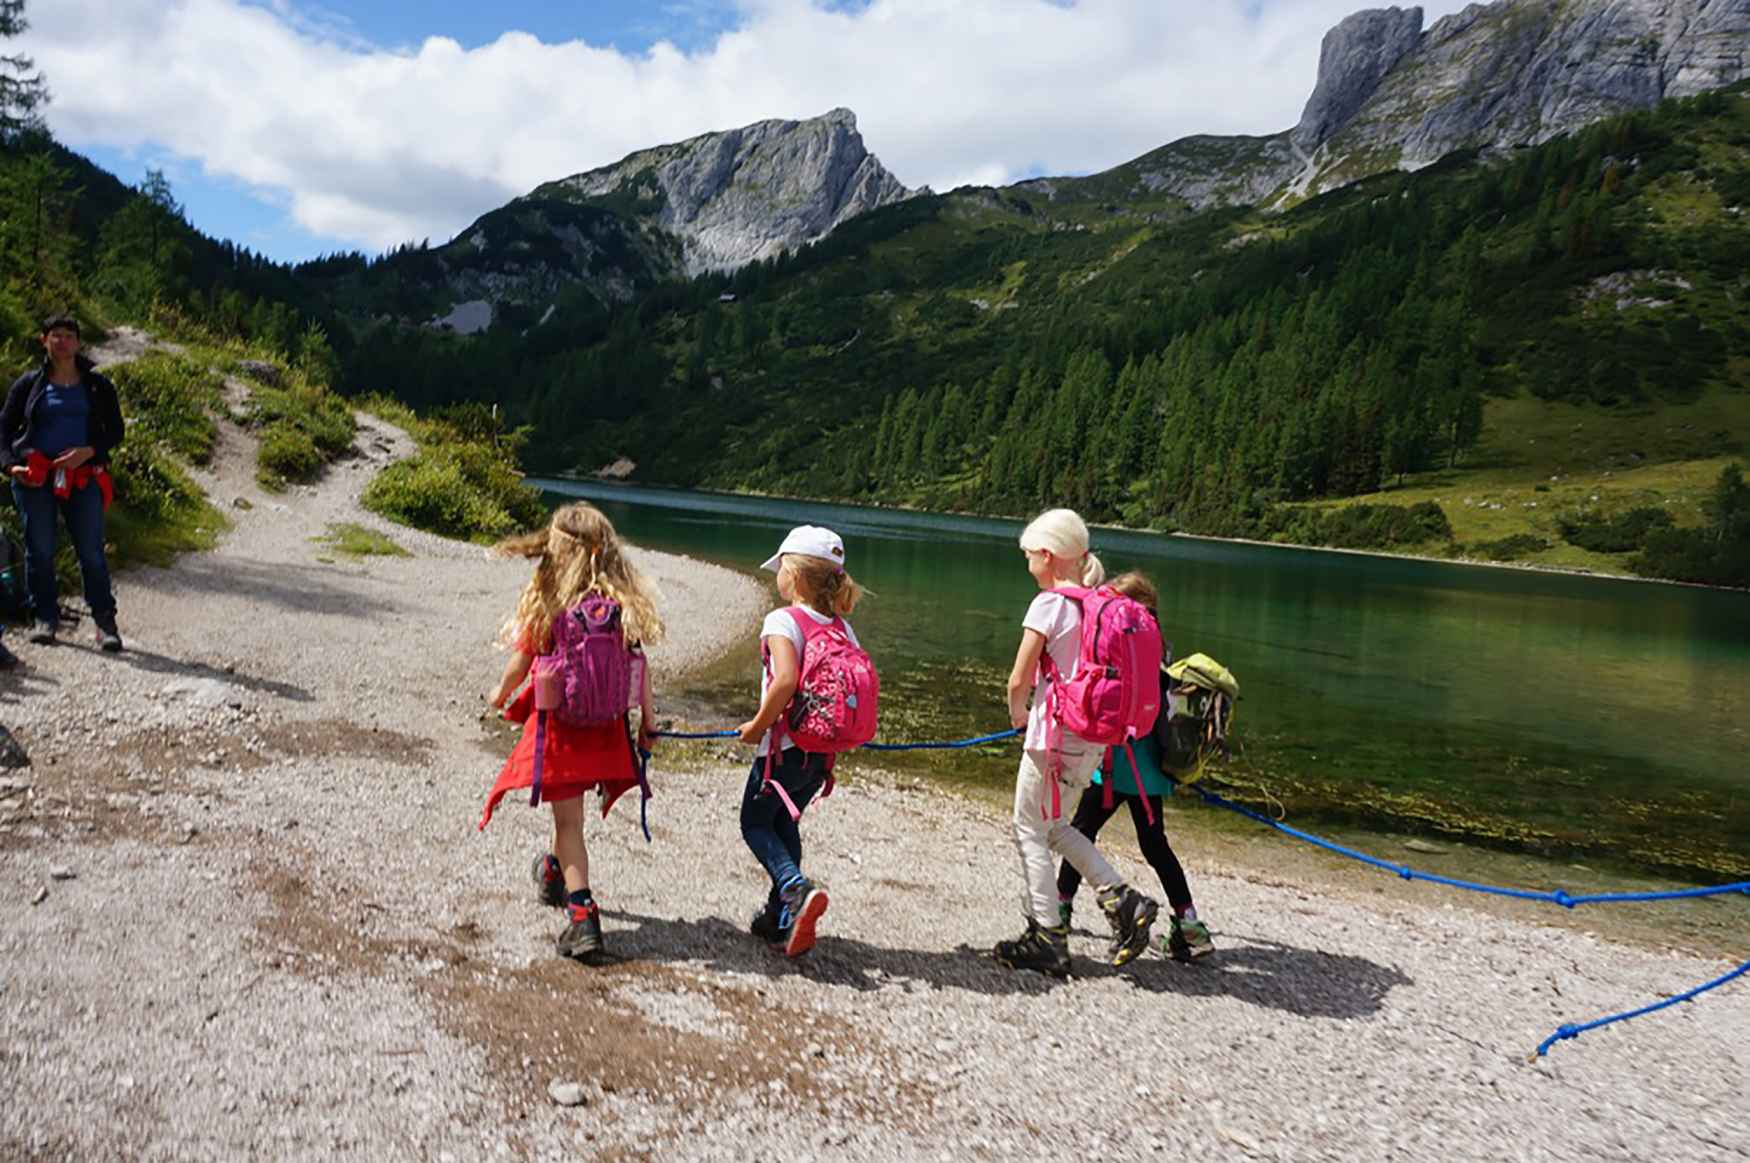 Speziell abgestimmt auf die Fußanatomie von Kindern zeigt sich dieser bewährte Kinder-Outdoorschuh. Er ist ausgelegt auf Wanderungen in Mittelgebirgen und für leichte Touren in den Alpen. Das wasserdichte GORE-TEX-Futter gewährleistet ein angenehmes Fußklima, während die seitliche Support Frame-Konstruktion den Fuß beim Gehen unterstützt. Dem nächsten Outdoor-Abenteuer kleiner Bergfexe steht damit nichts mehr im Wege.